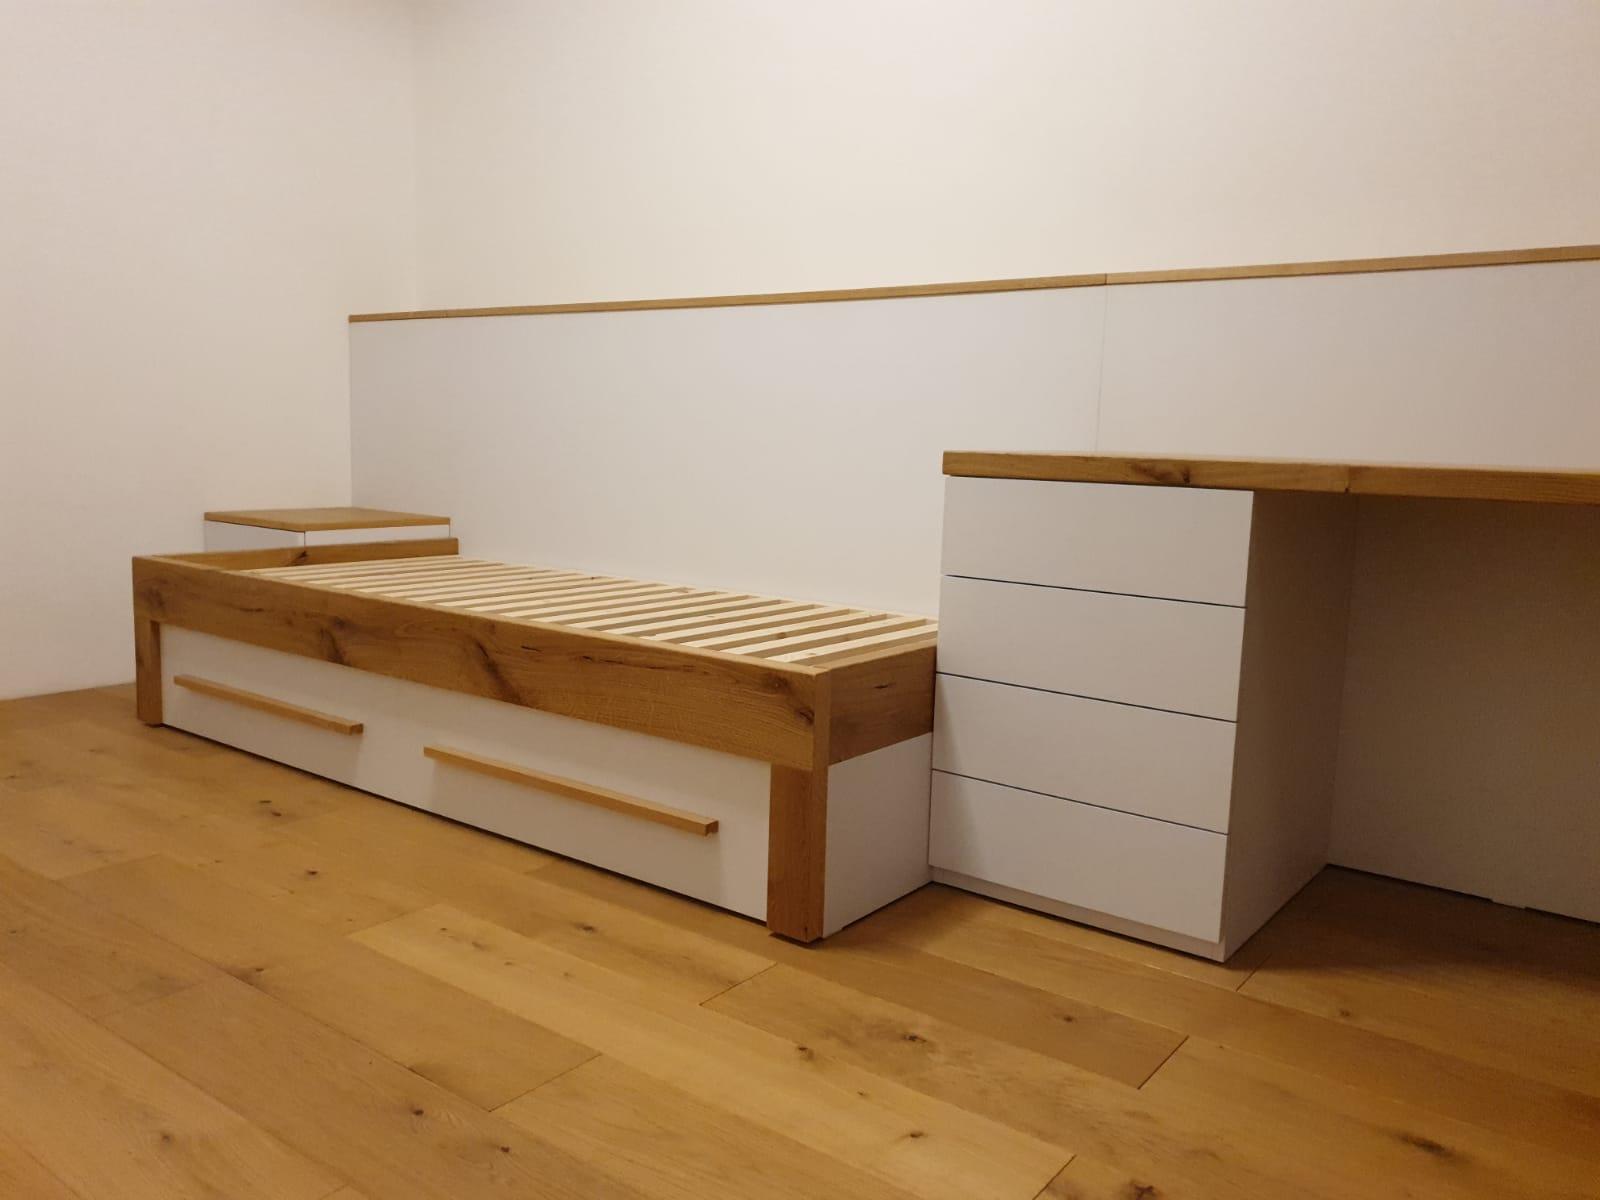 Zariadujeme nas domov pri Dunaji - Celo za postelou ako ulozny priestor pre druhy matrac